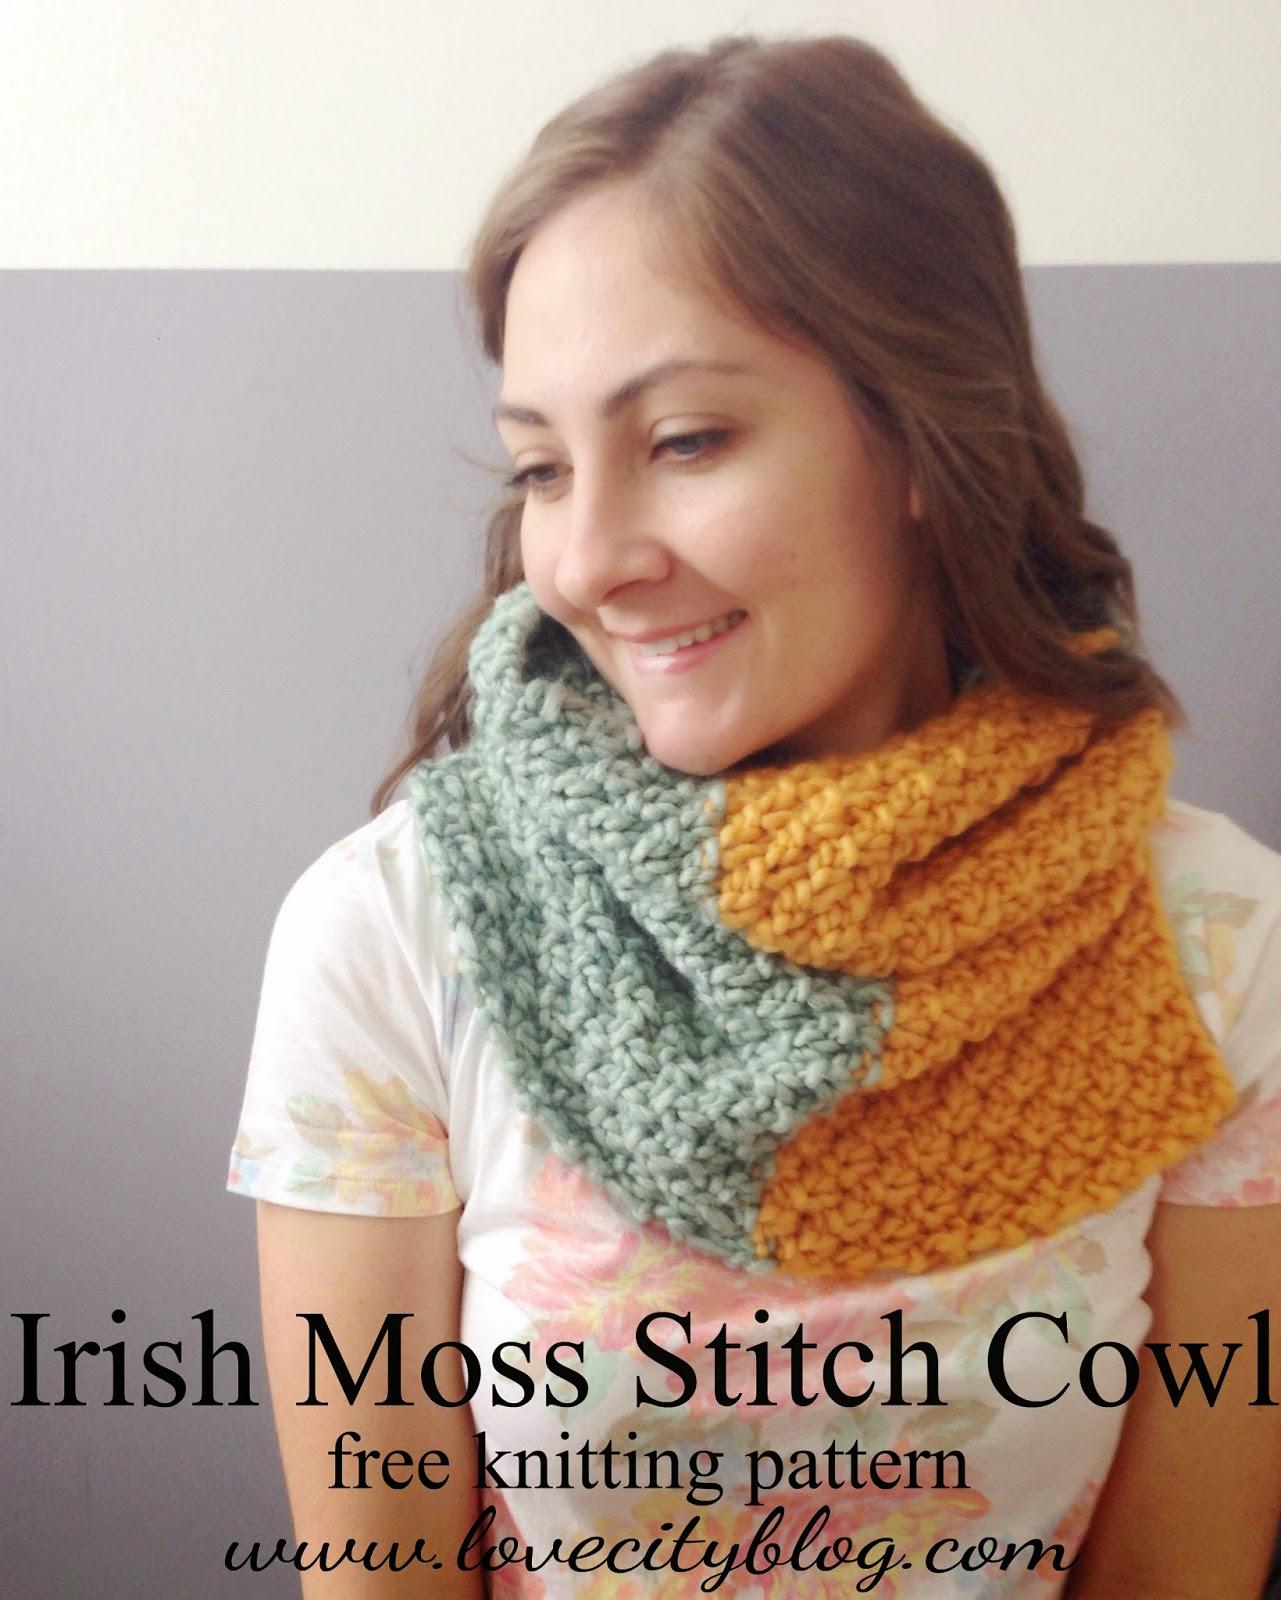 knitting love {Irish Moss Stitch Cowl}